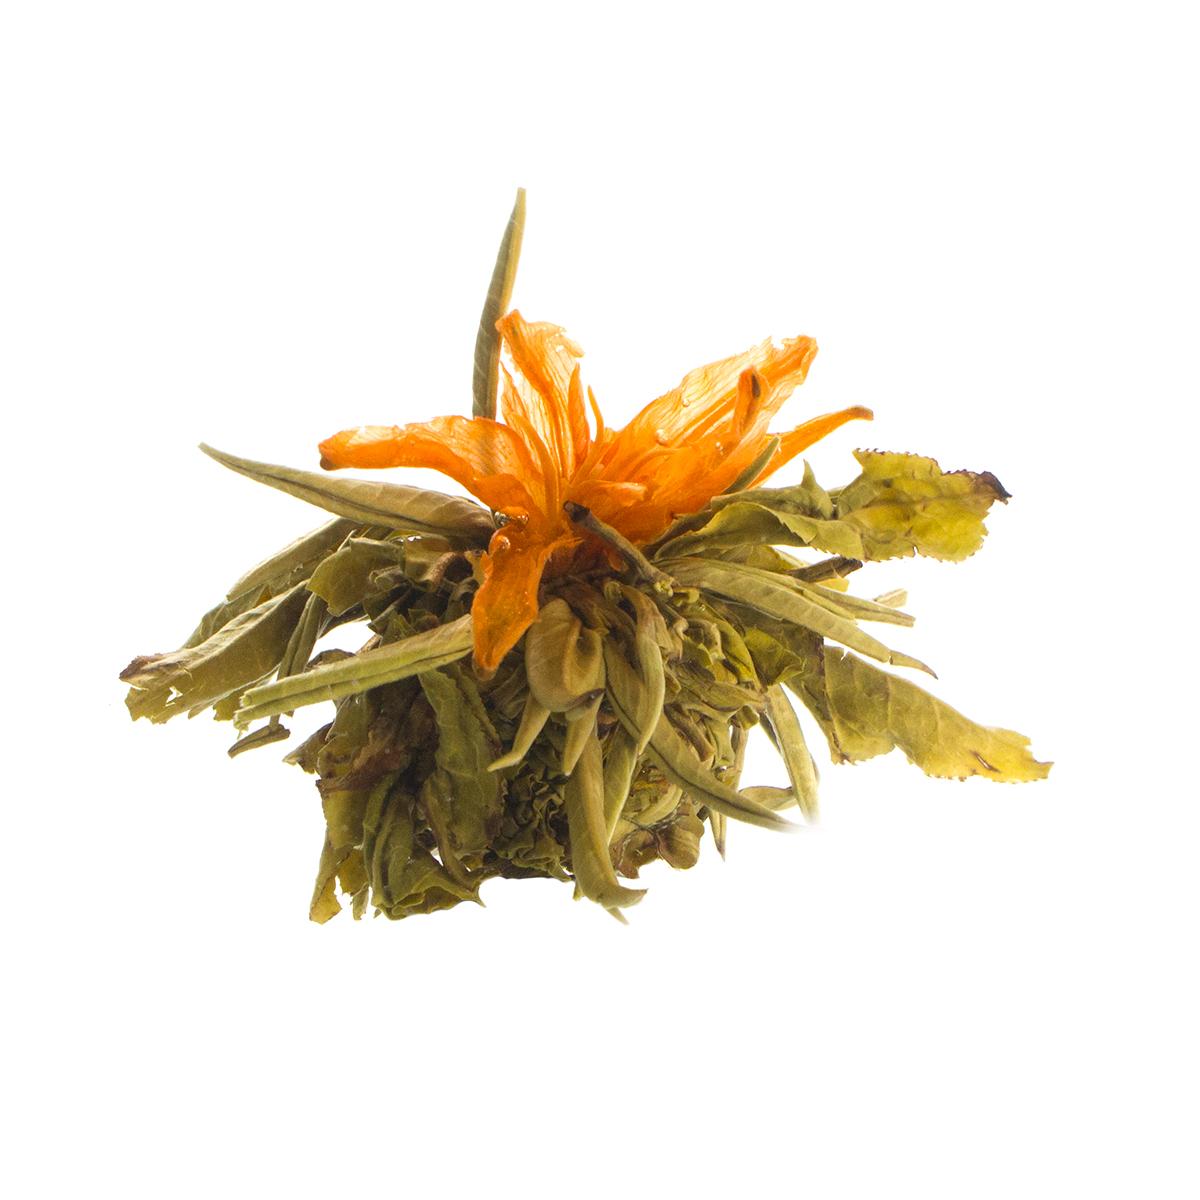 Связанный чай Бай Юй Лянь (Белый лотос благоденствия), 5 шт. в уп.